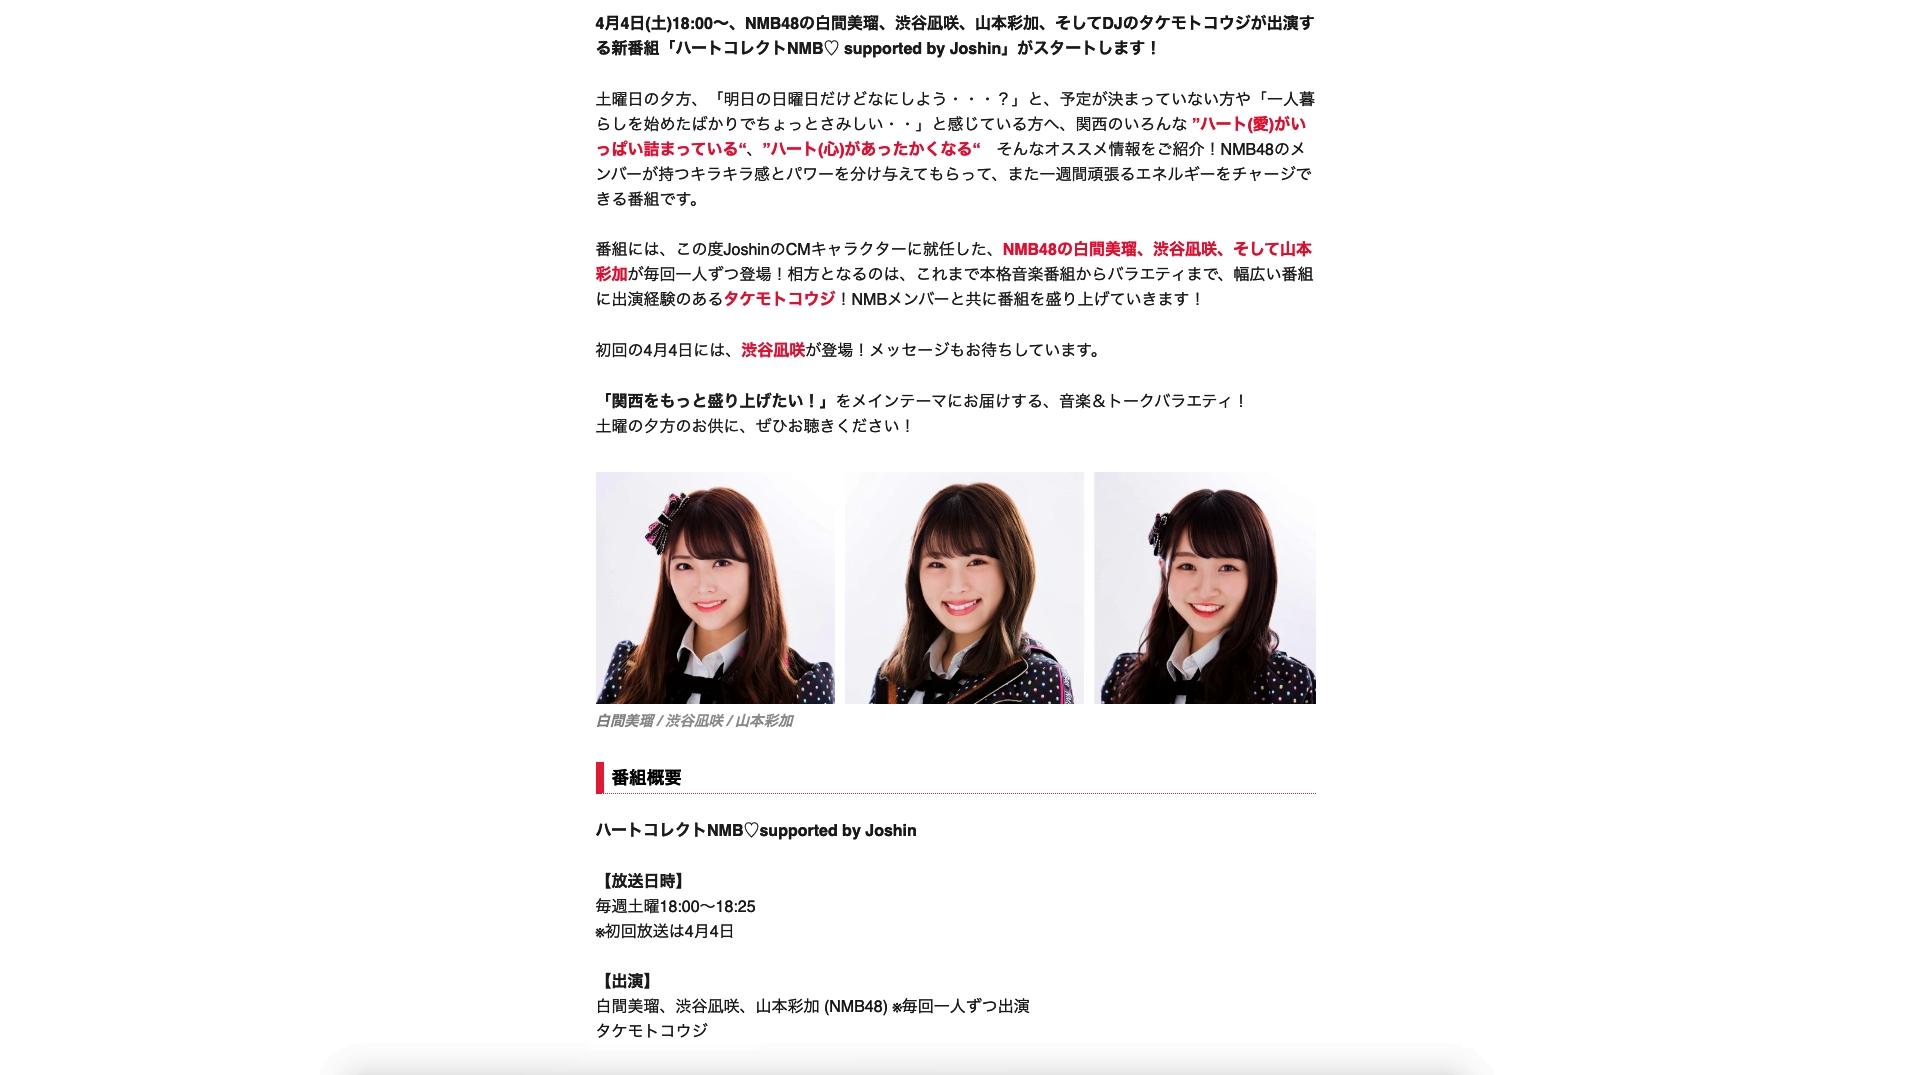 【NMB48】4月4日からFM OH!で新番組「ハートコレクトNMB♡ supported by Joshin」がスタート